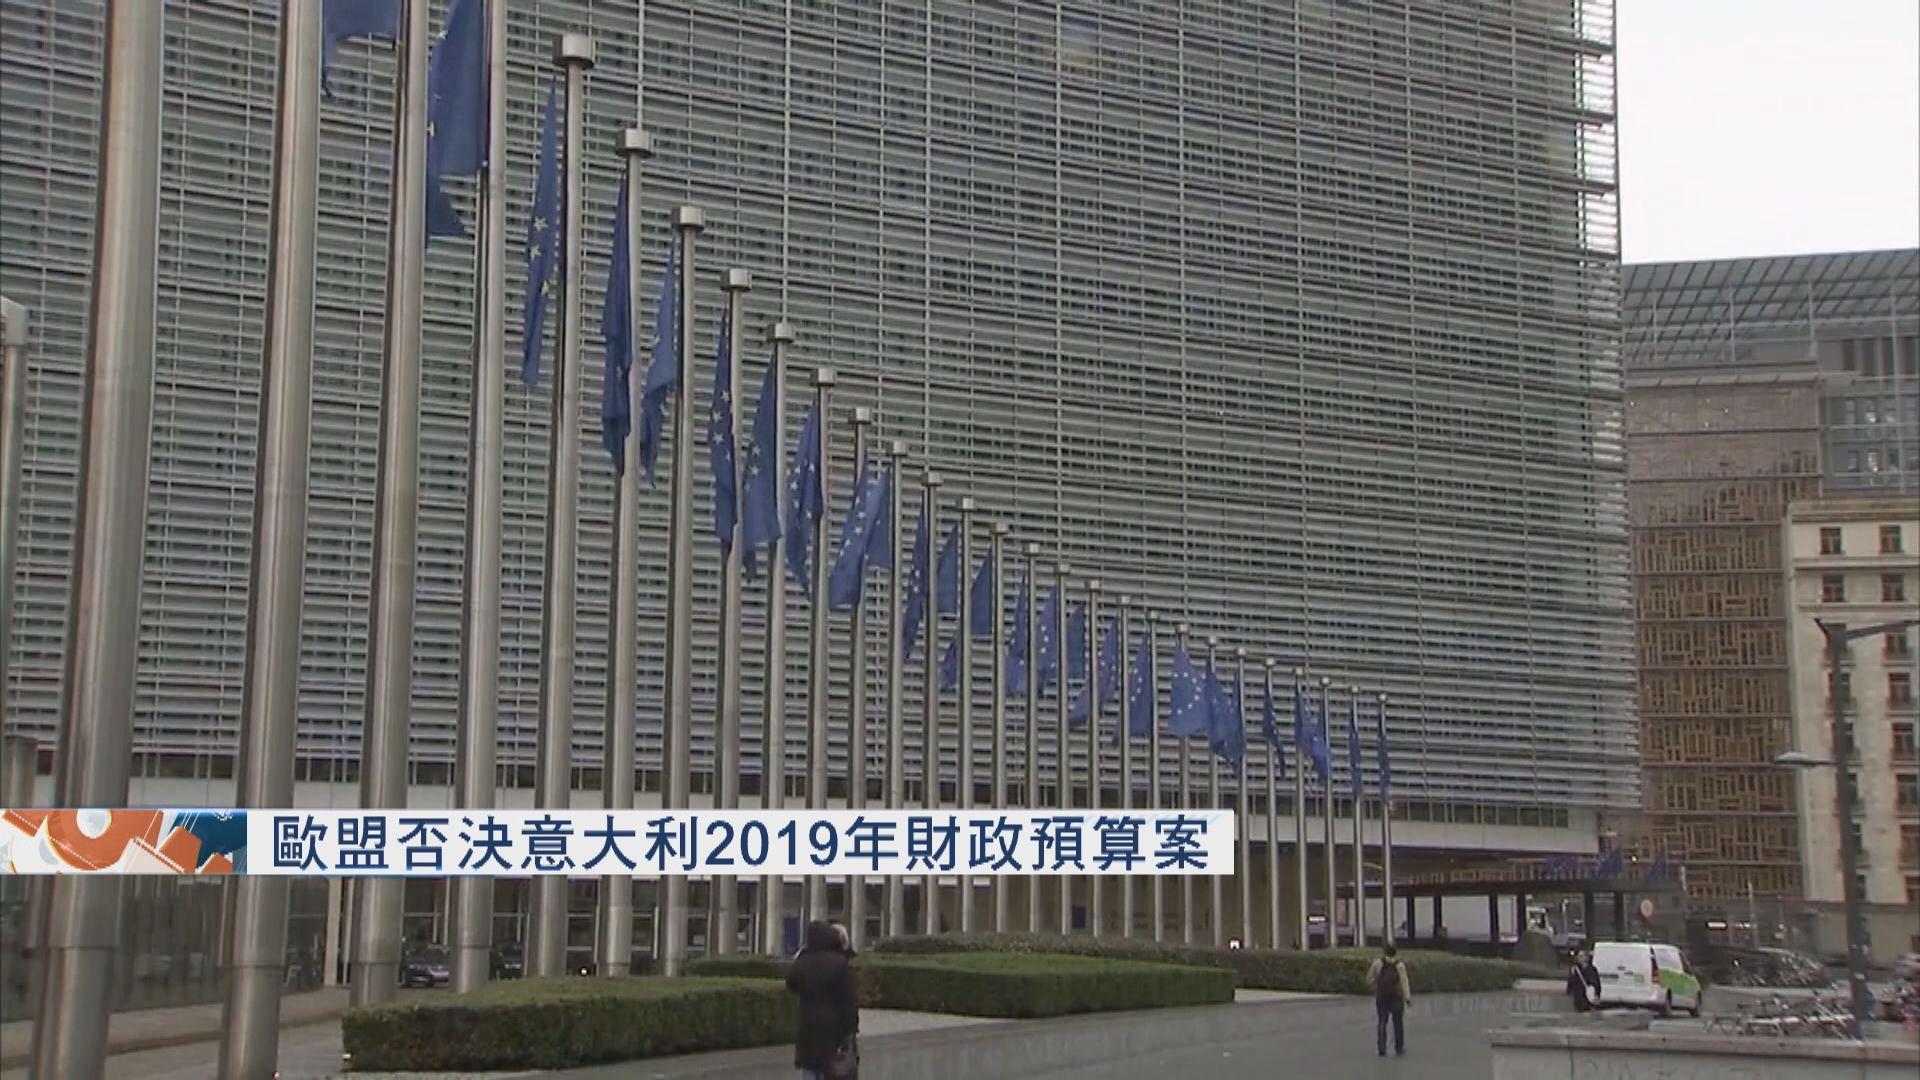 歐盟否決意大利2019年財政預算案